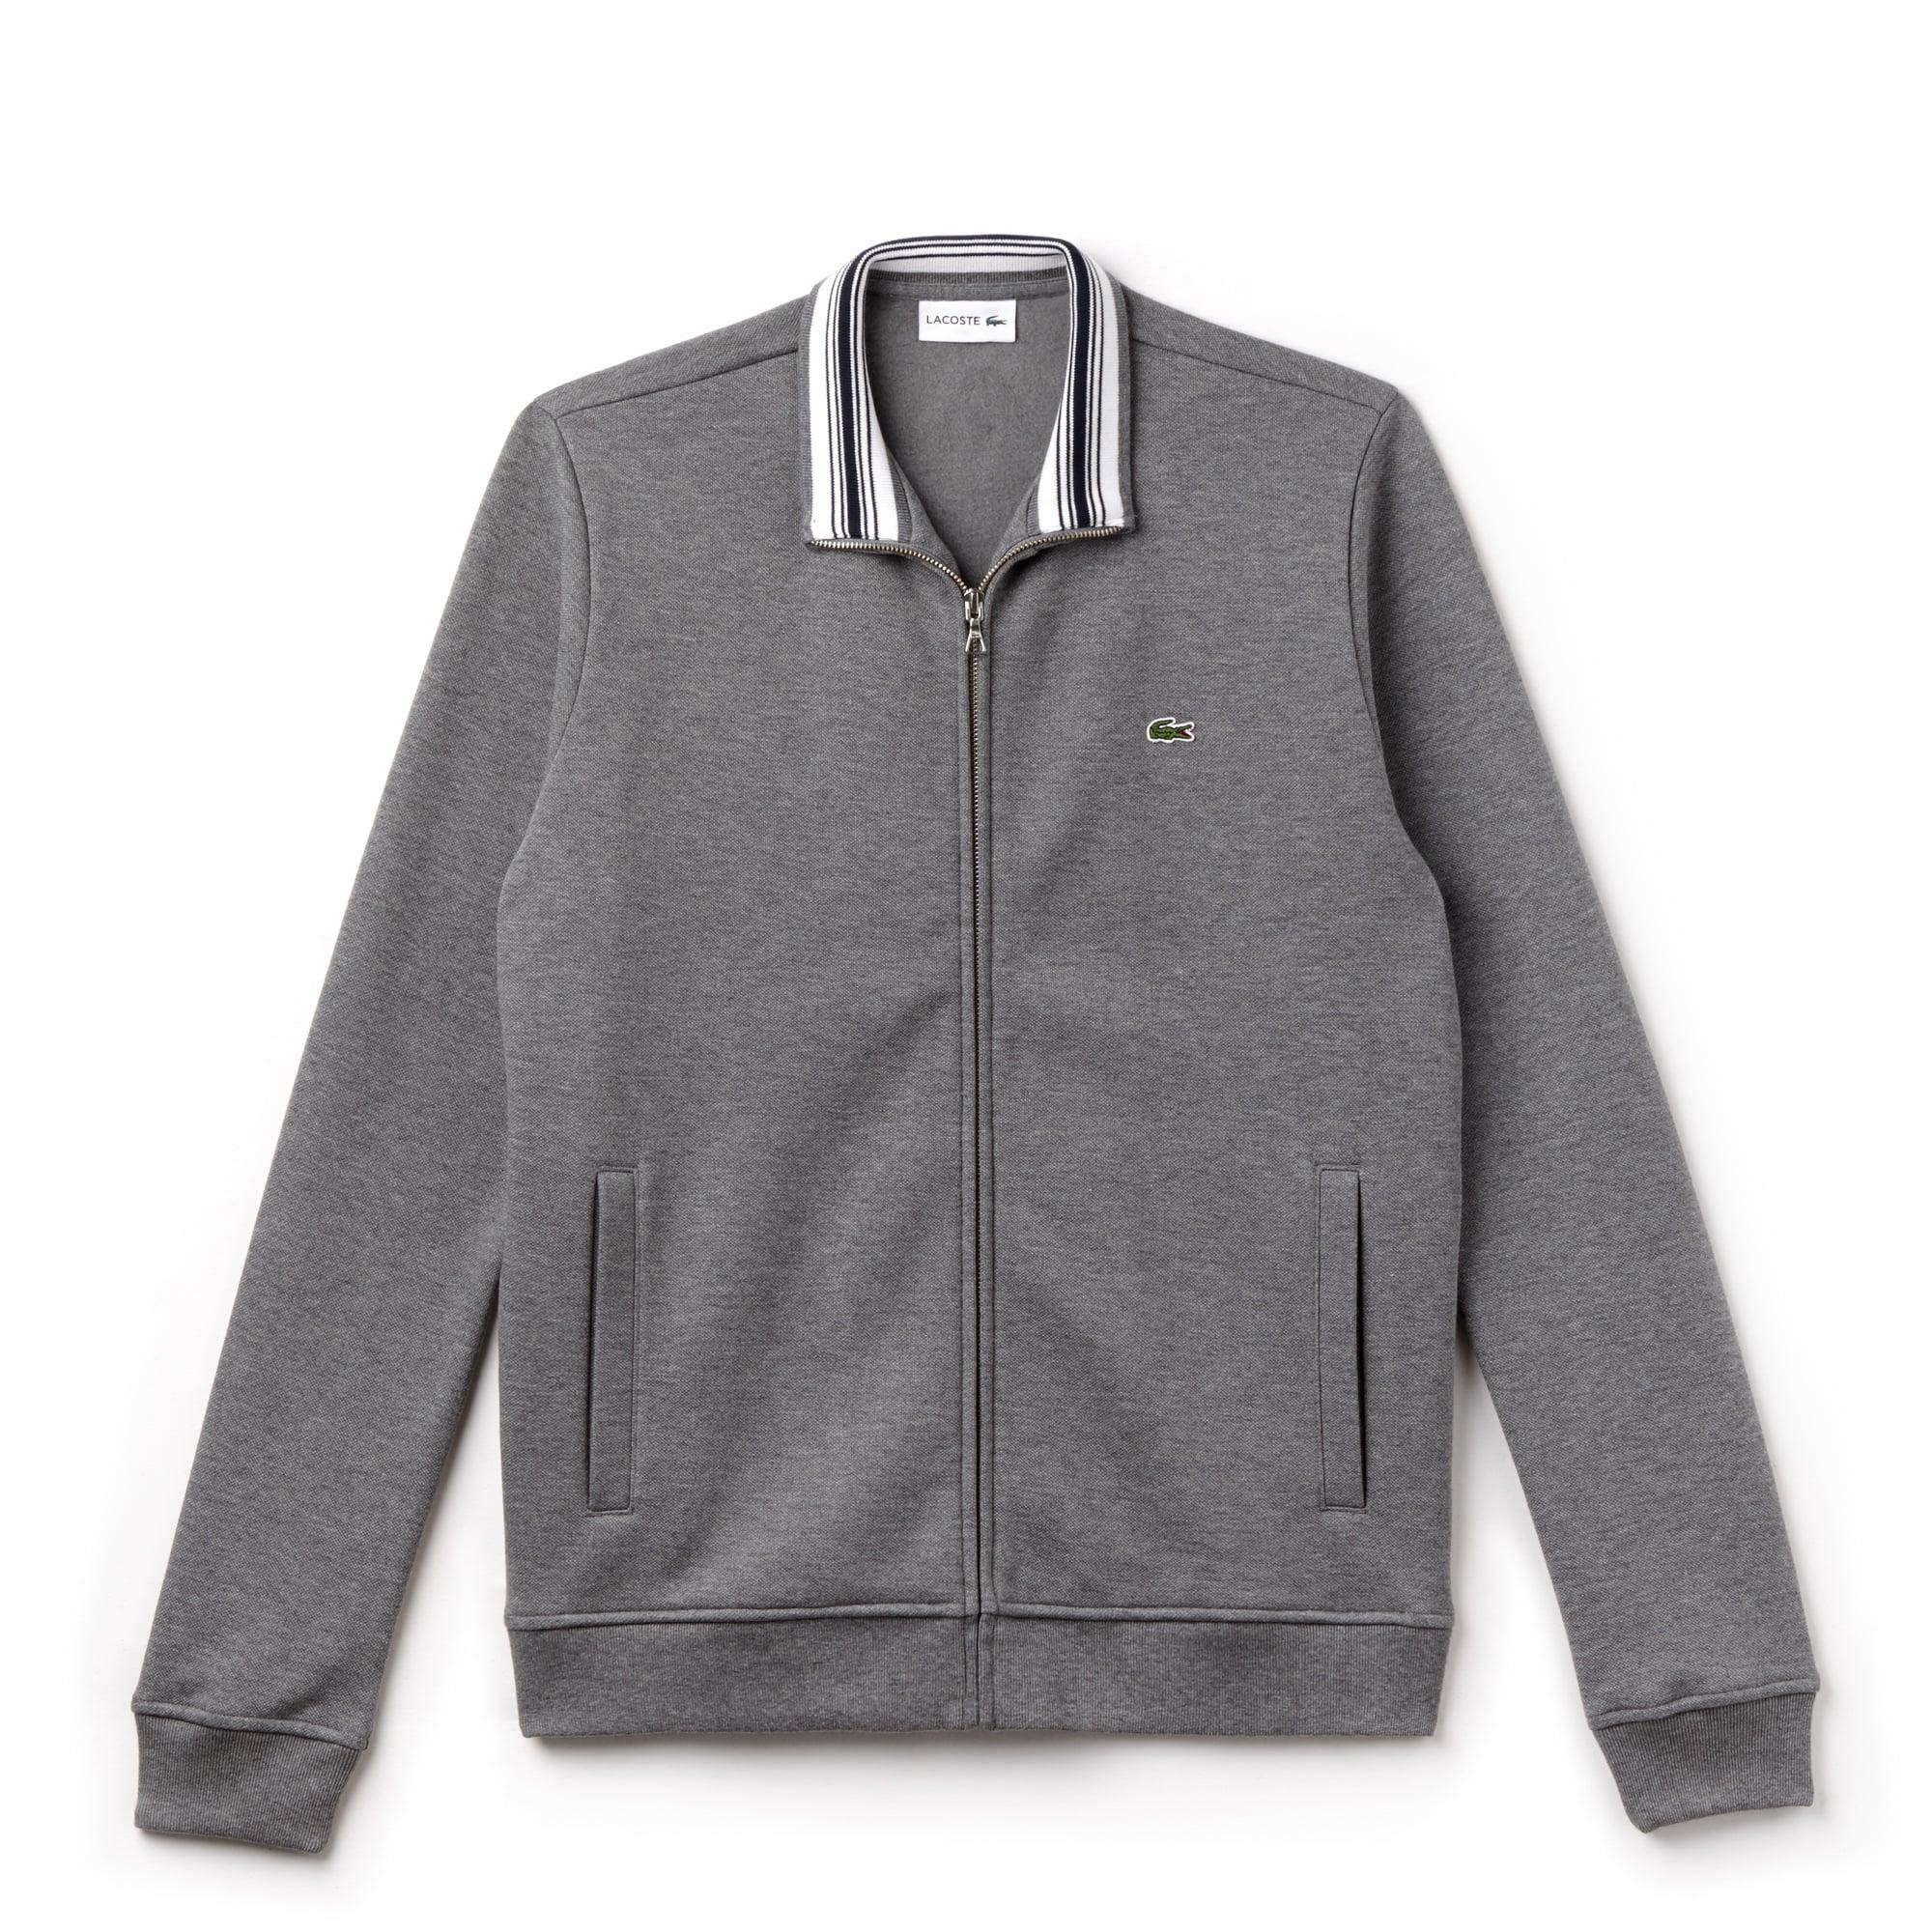 Men's Zip Stand-Up Collar Sweatshirt